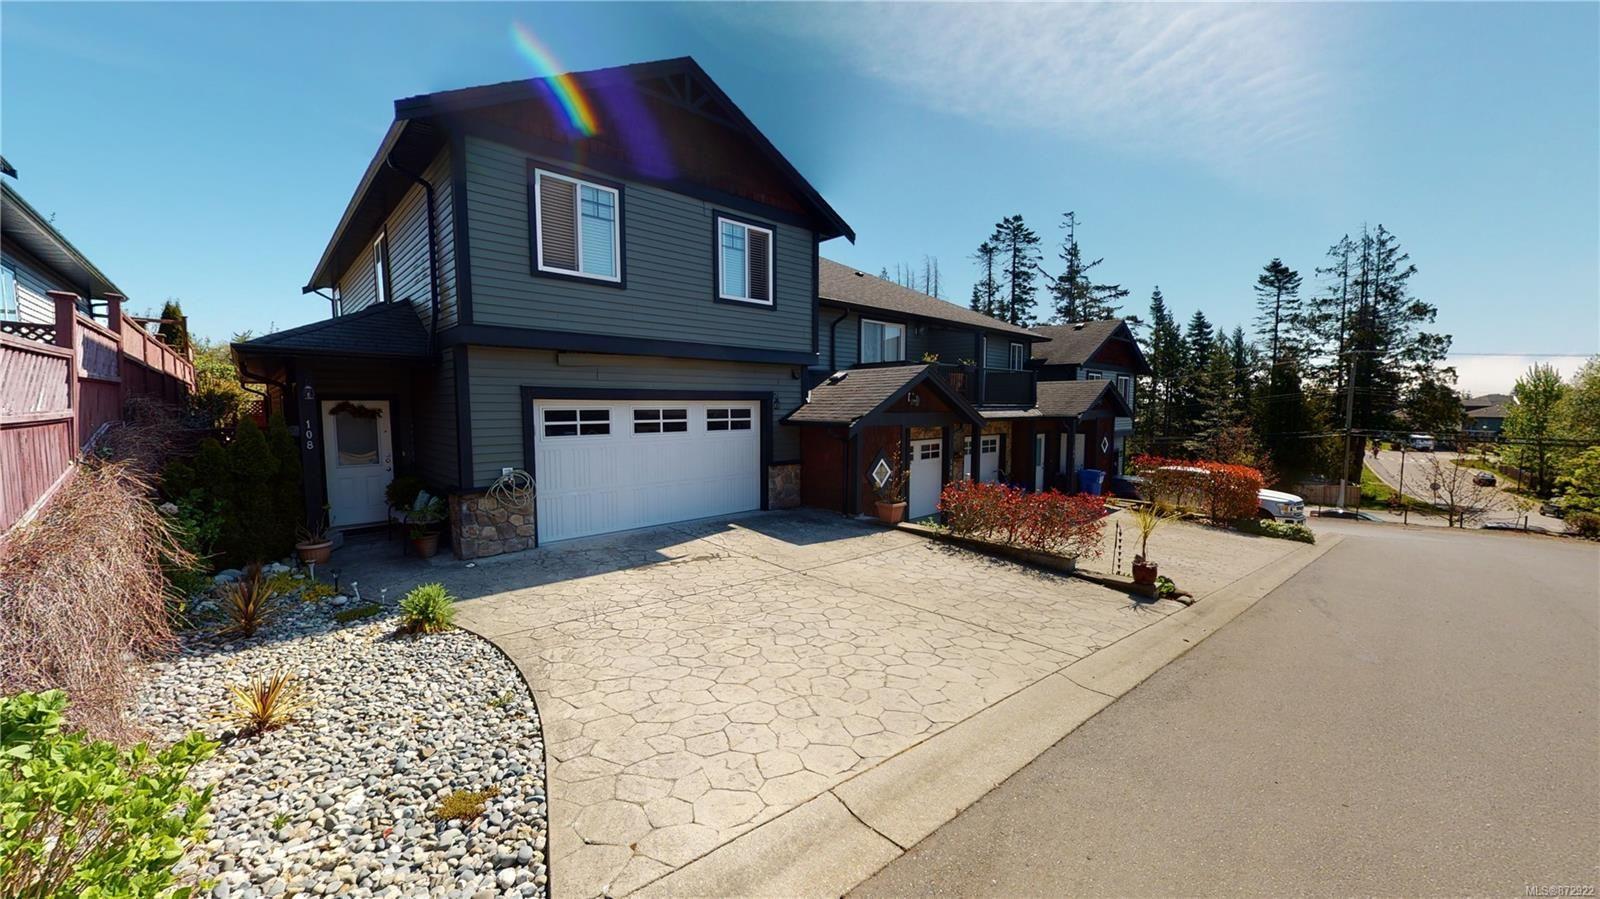 Main Photo: 108 6838 W Grant Rd in : Sk Sooke Vill Core Row/Townhouse for sale (Sooke)  : MLS®# 872922